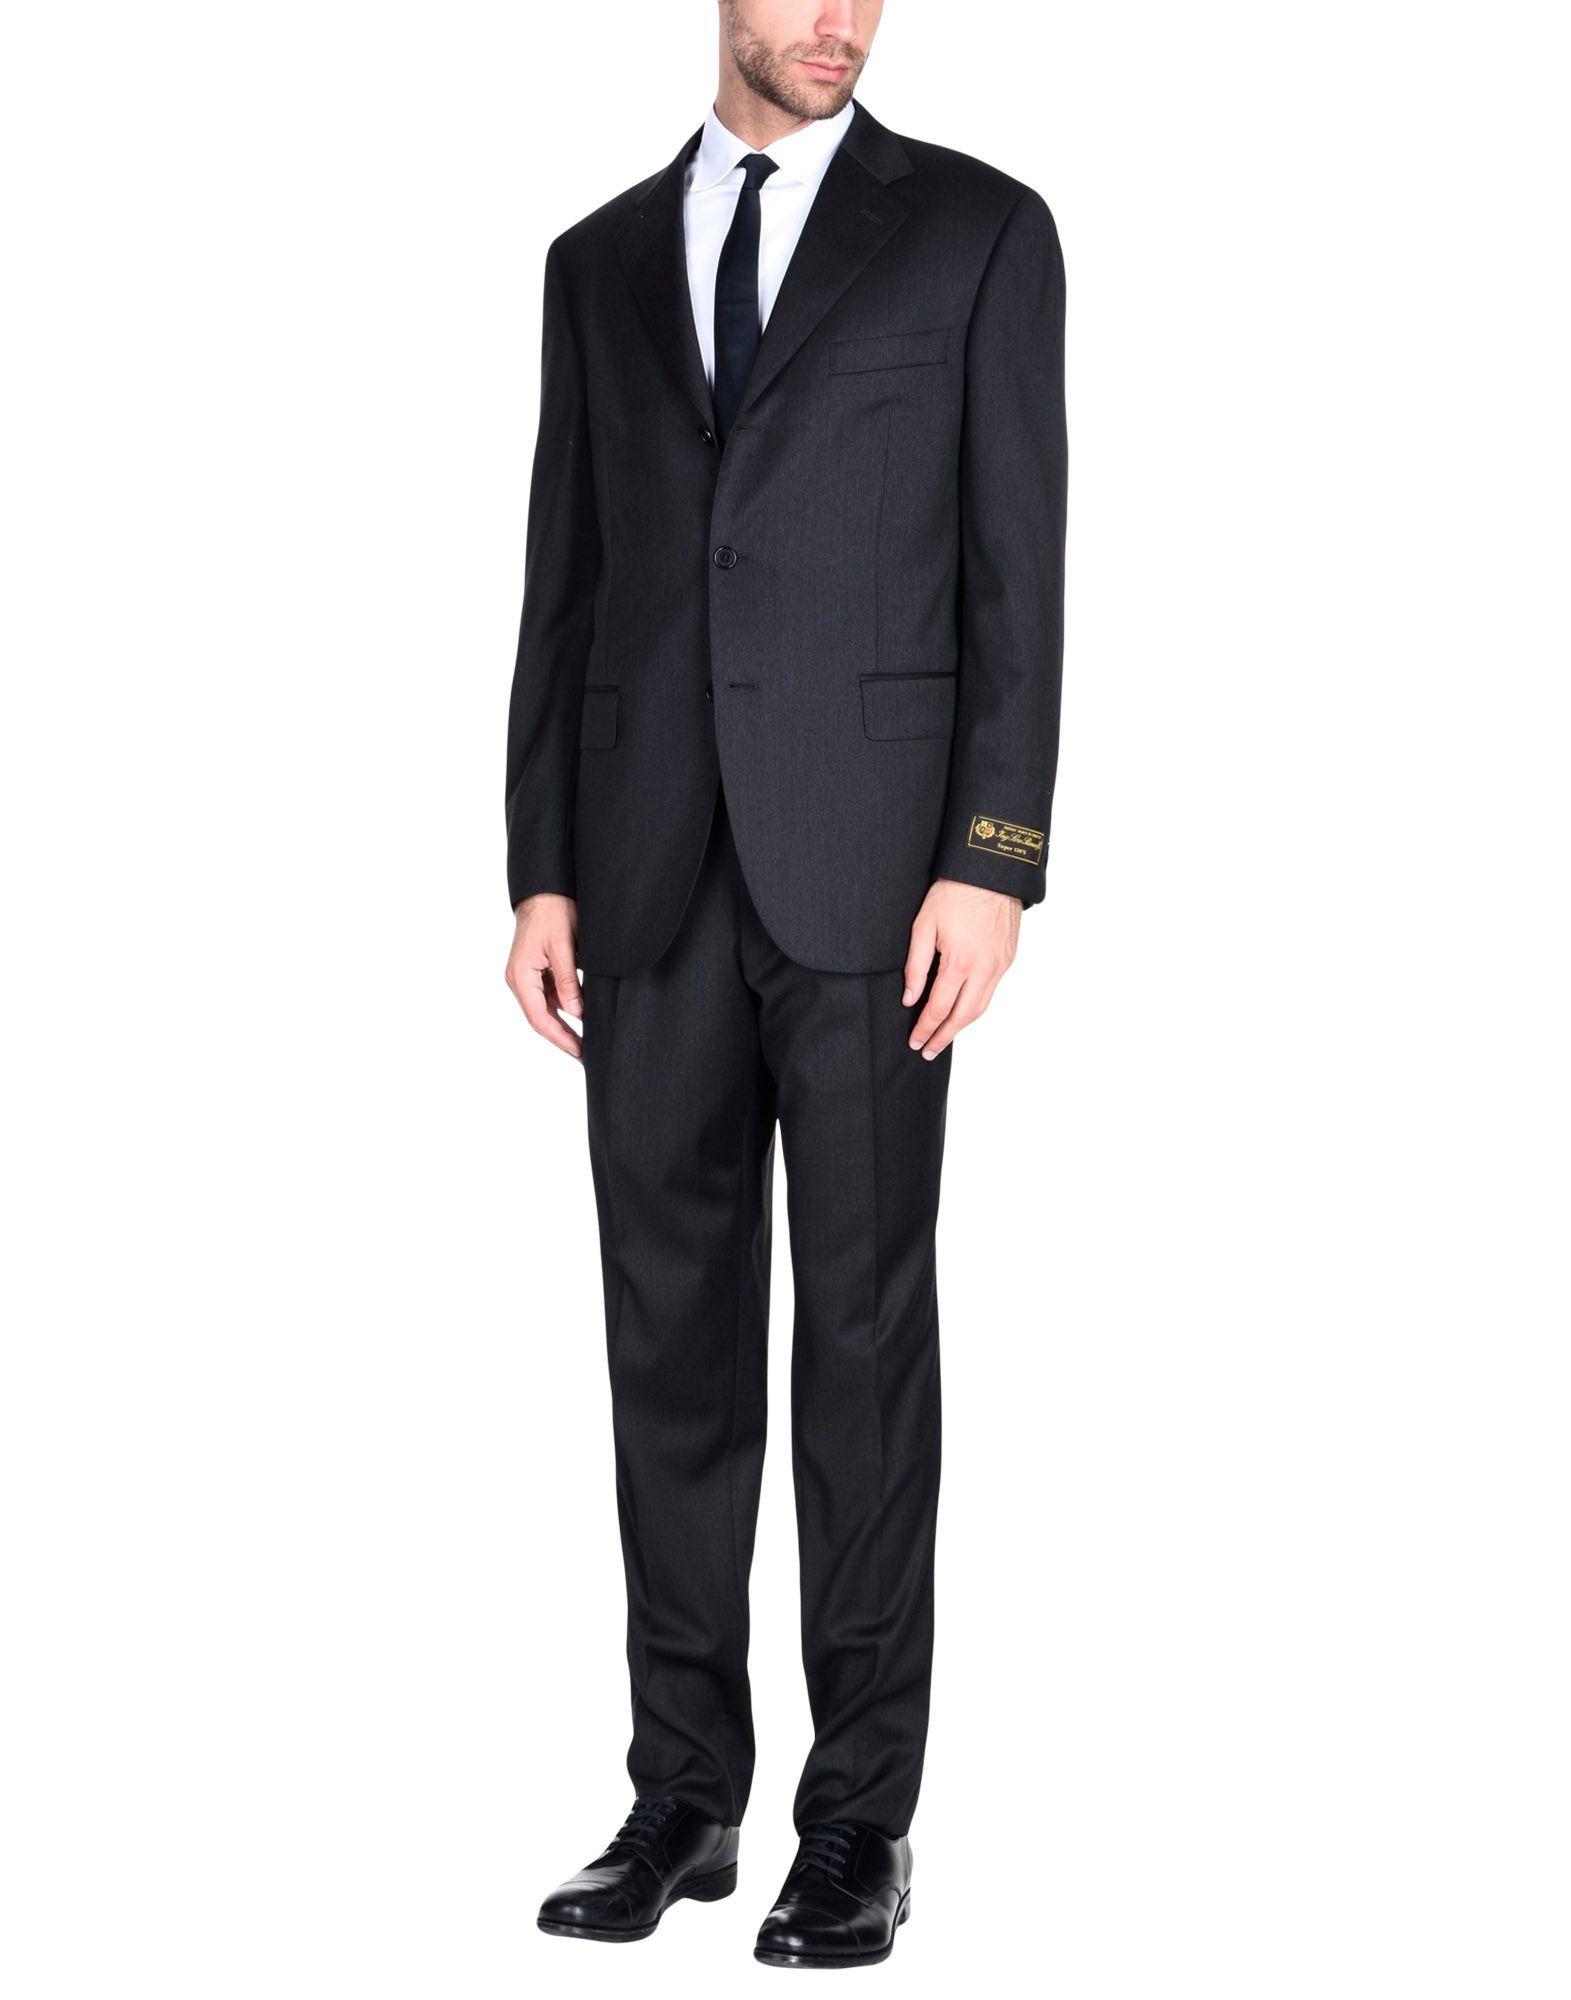 《送料無料》JASPER REED メンズ スーツ スチールグレー 54 スーパー130 ウール